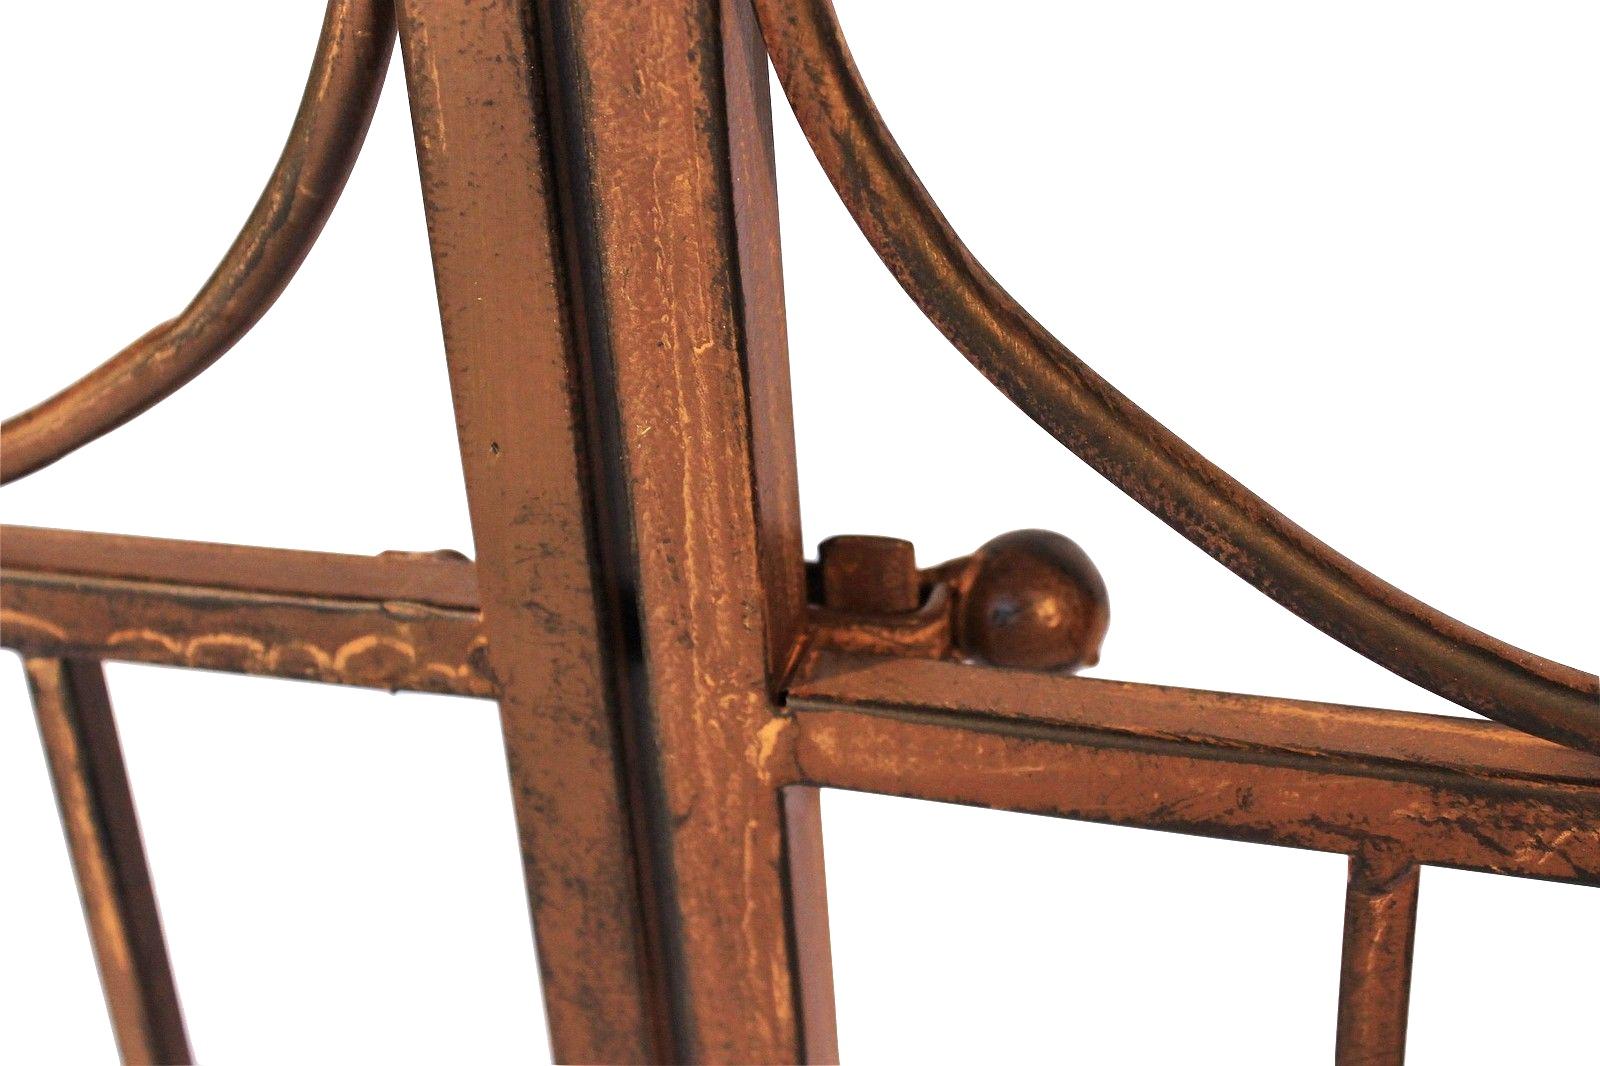 rosenbogen mit tor pforte 120853 aus metall schmiedeeisen 265x190 cm rankhilfe dandibo. Black Bedroom Furniture Sets. Home Design Ideas